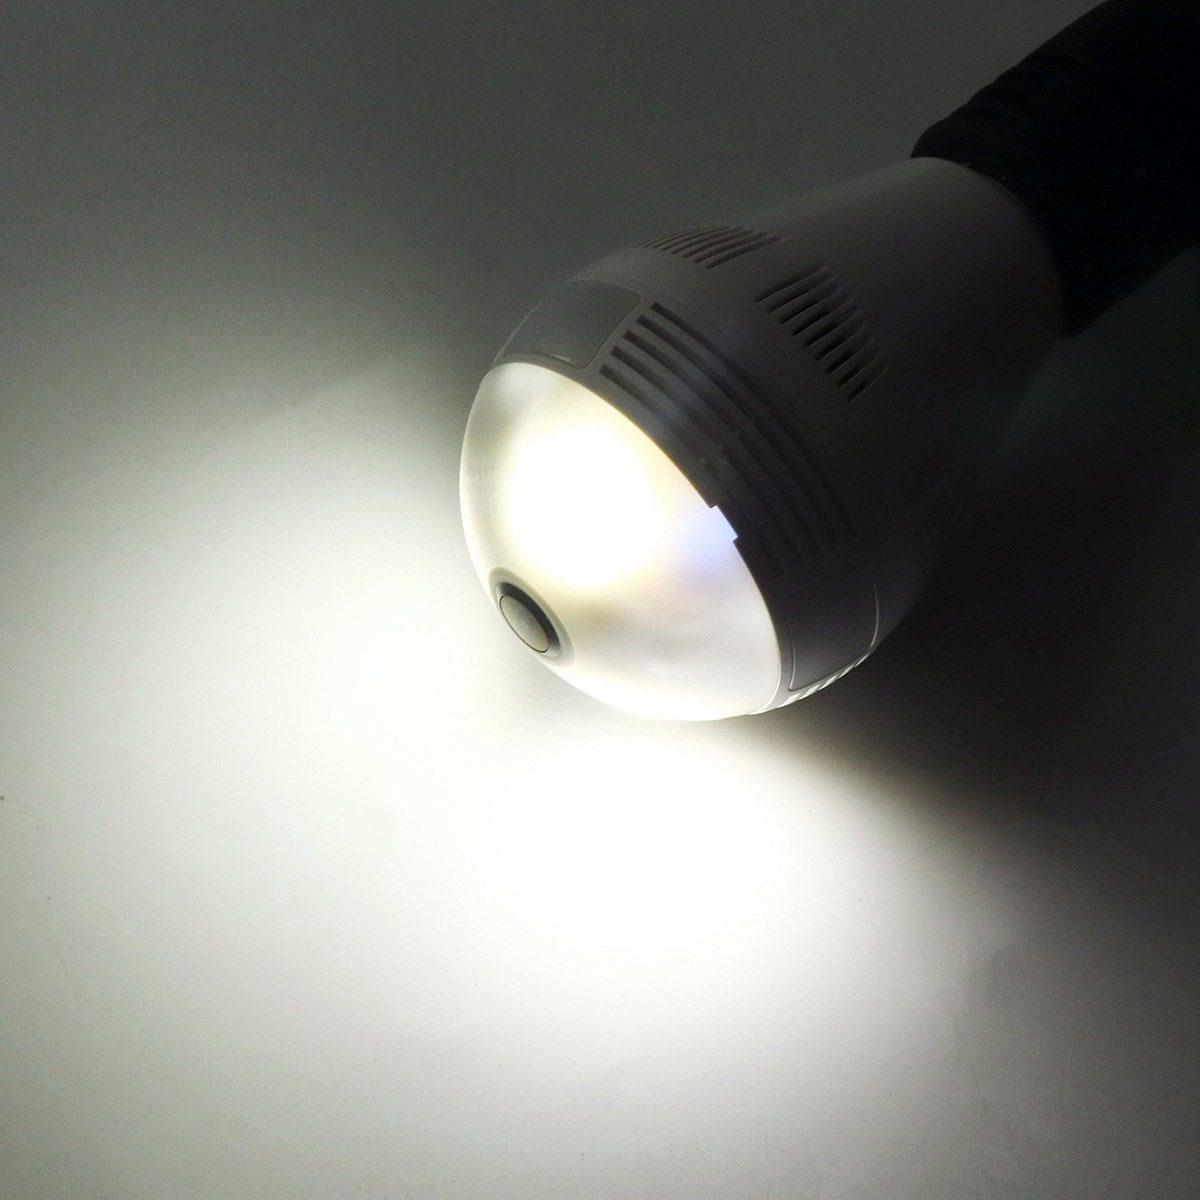 معایب مربوط به استفاده از دوربین لامپی چیست